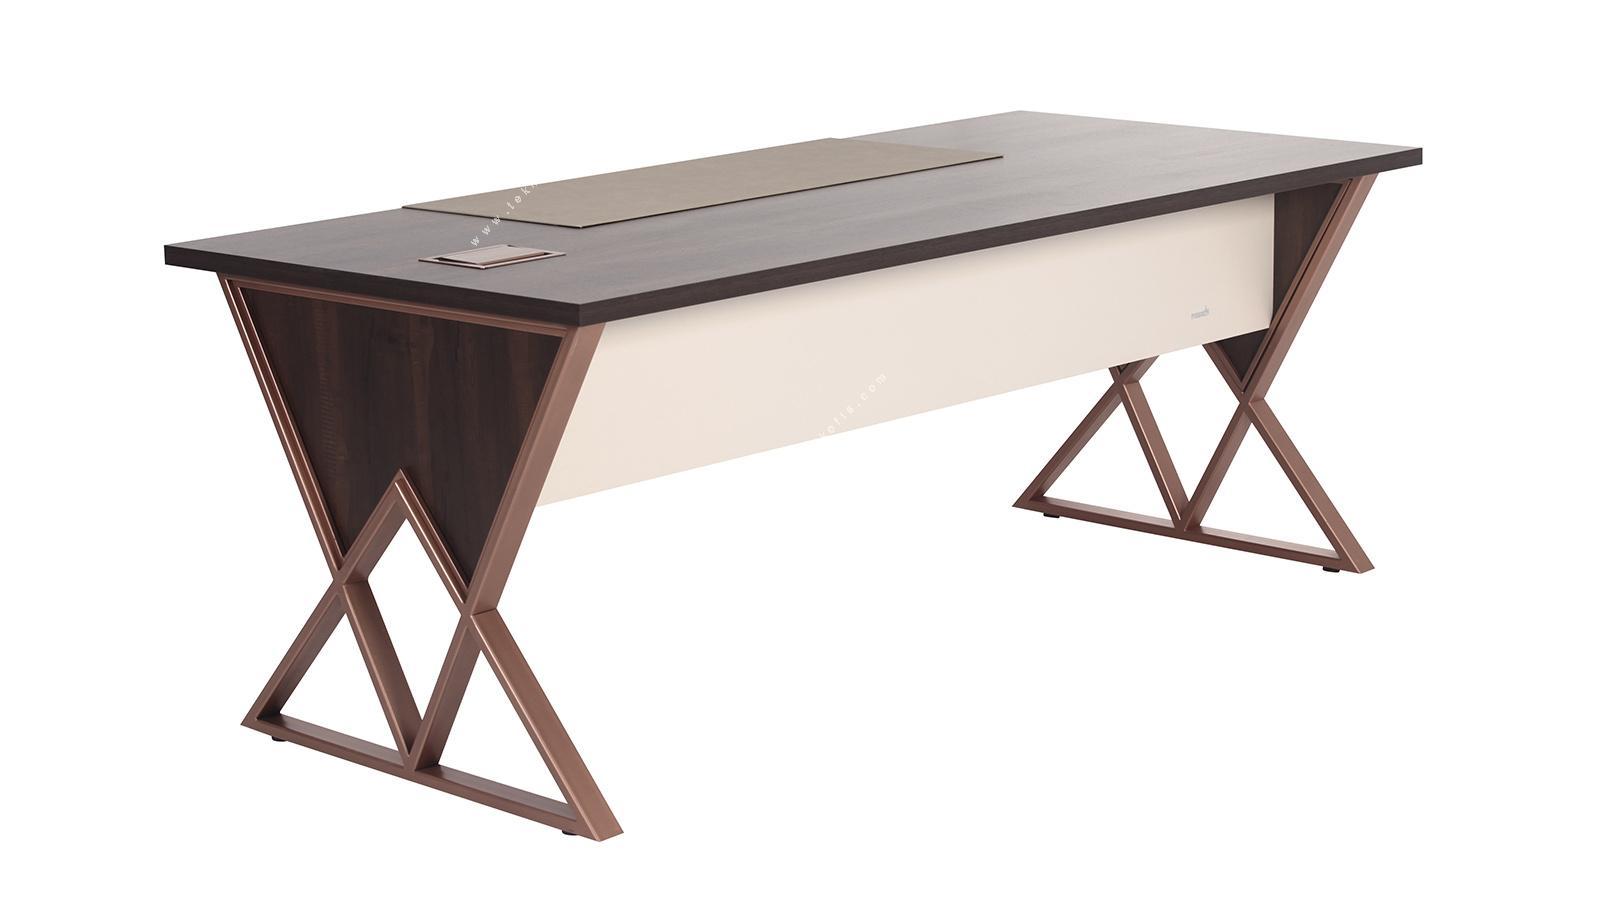 ashen özel tasarım makam masası 220cm